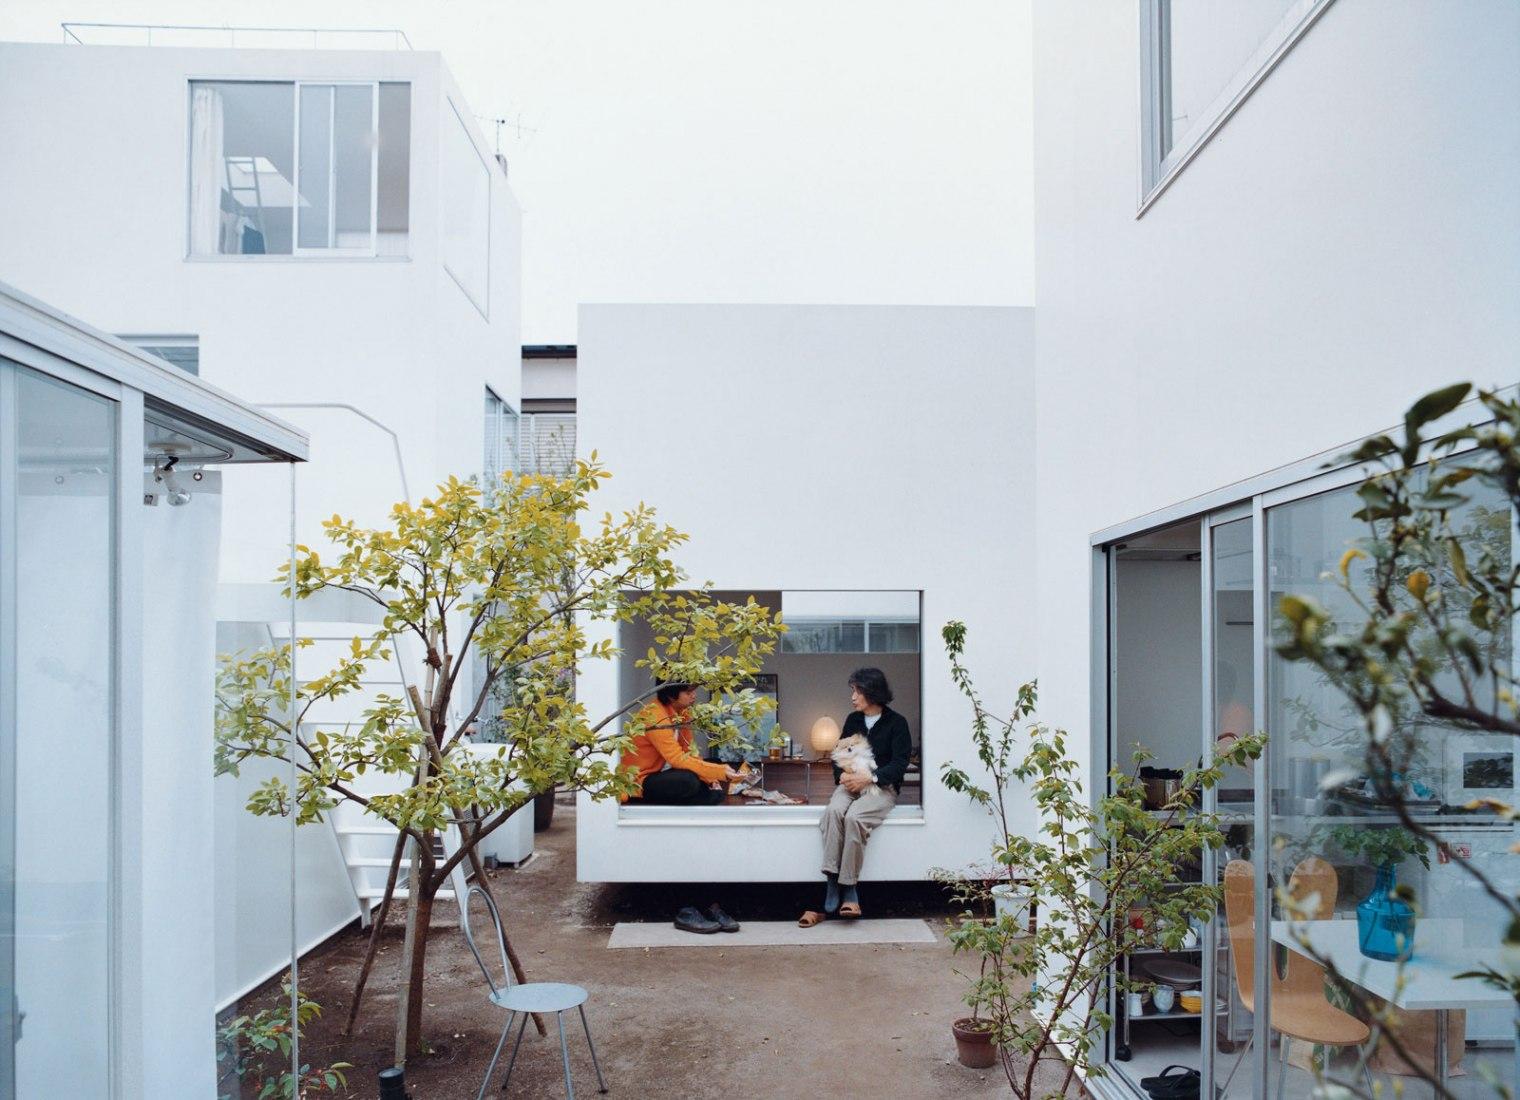 Ryue Nishizawa, Moriyama House, Tokyo, Japan, 2005.